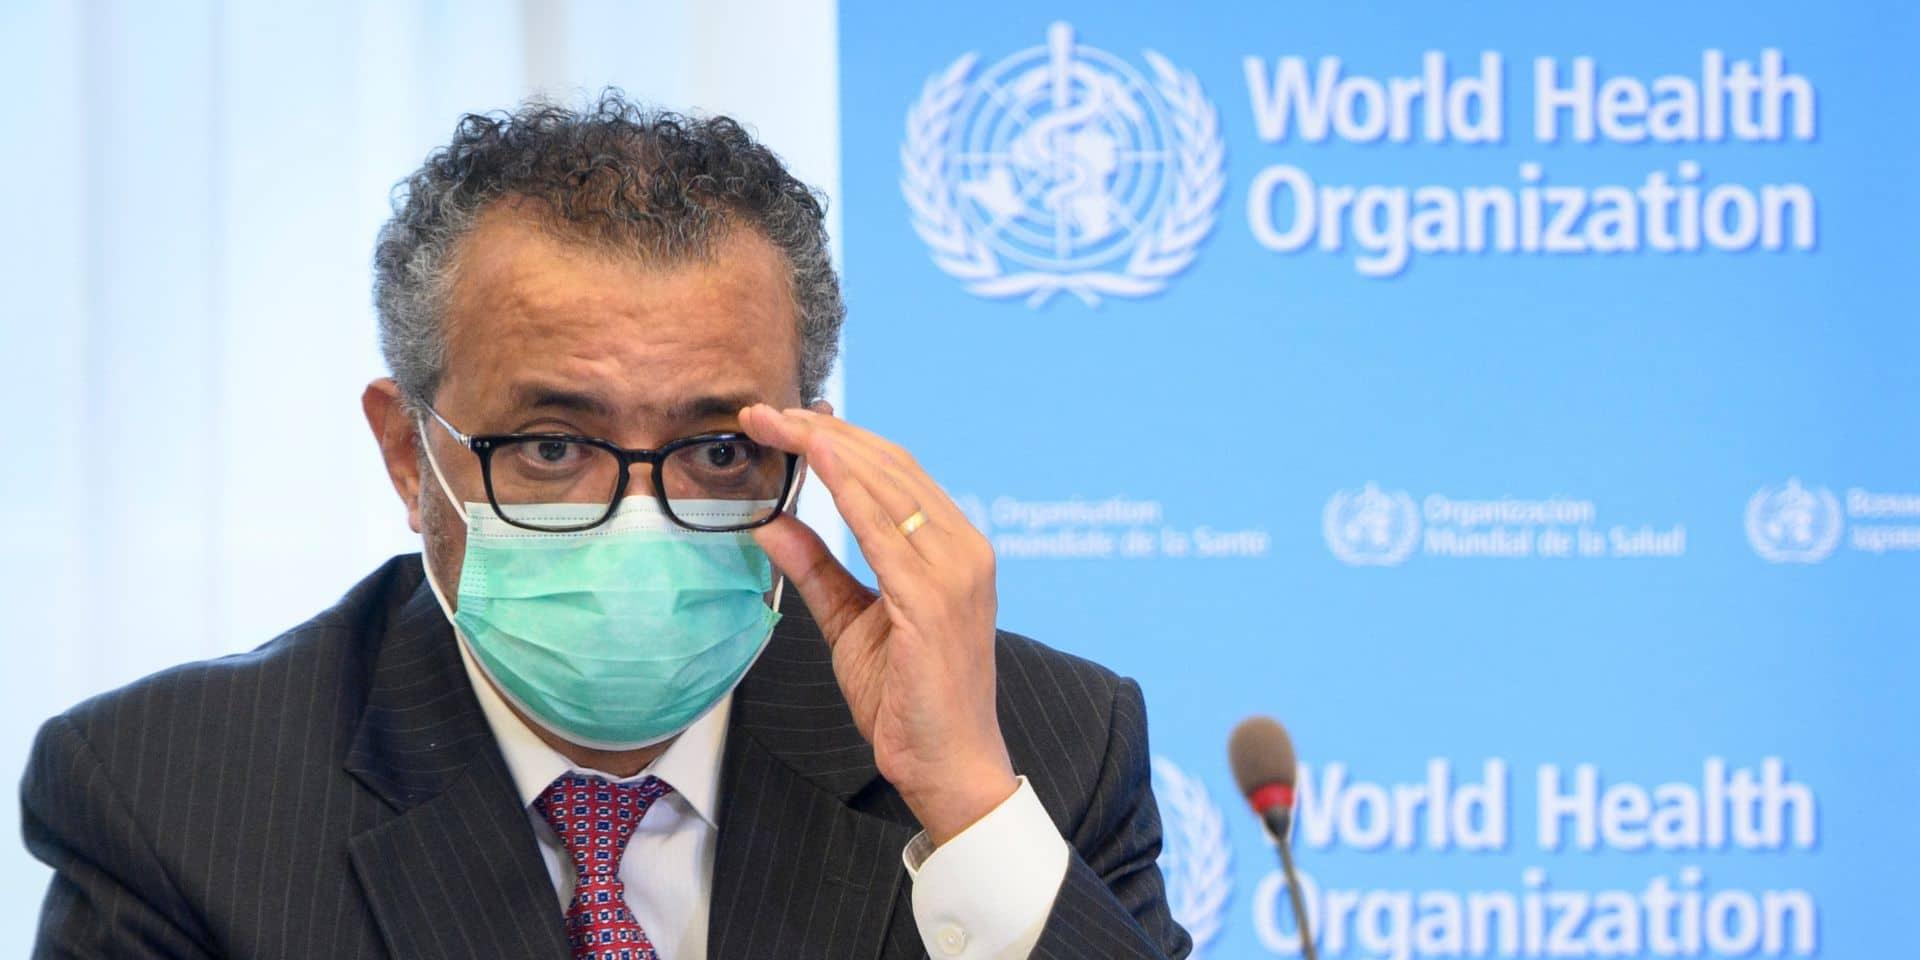 La pandémie de Covid-19 a fait plus de quatre millions de morts, annonce l'OMS